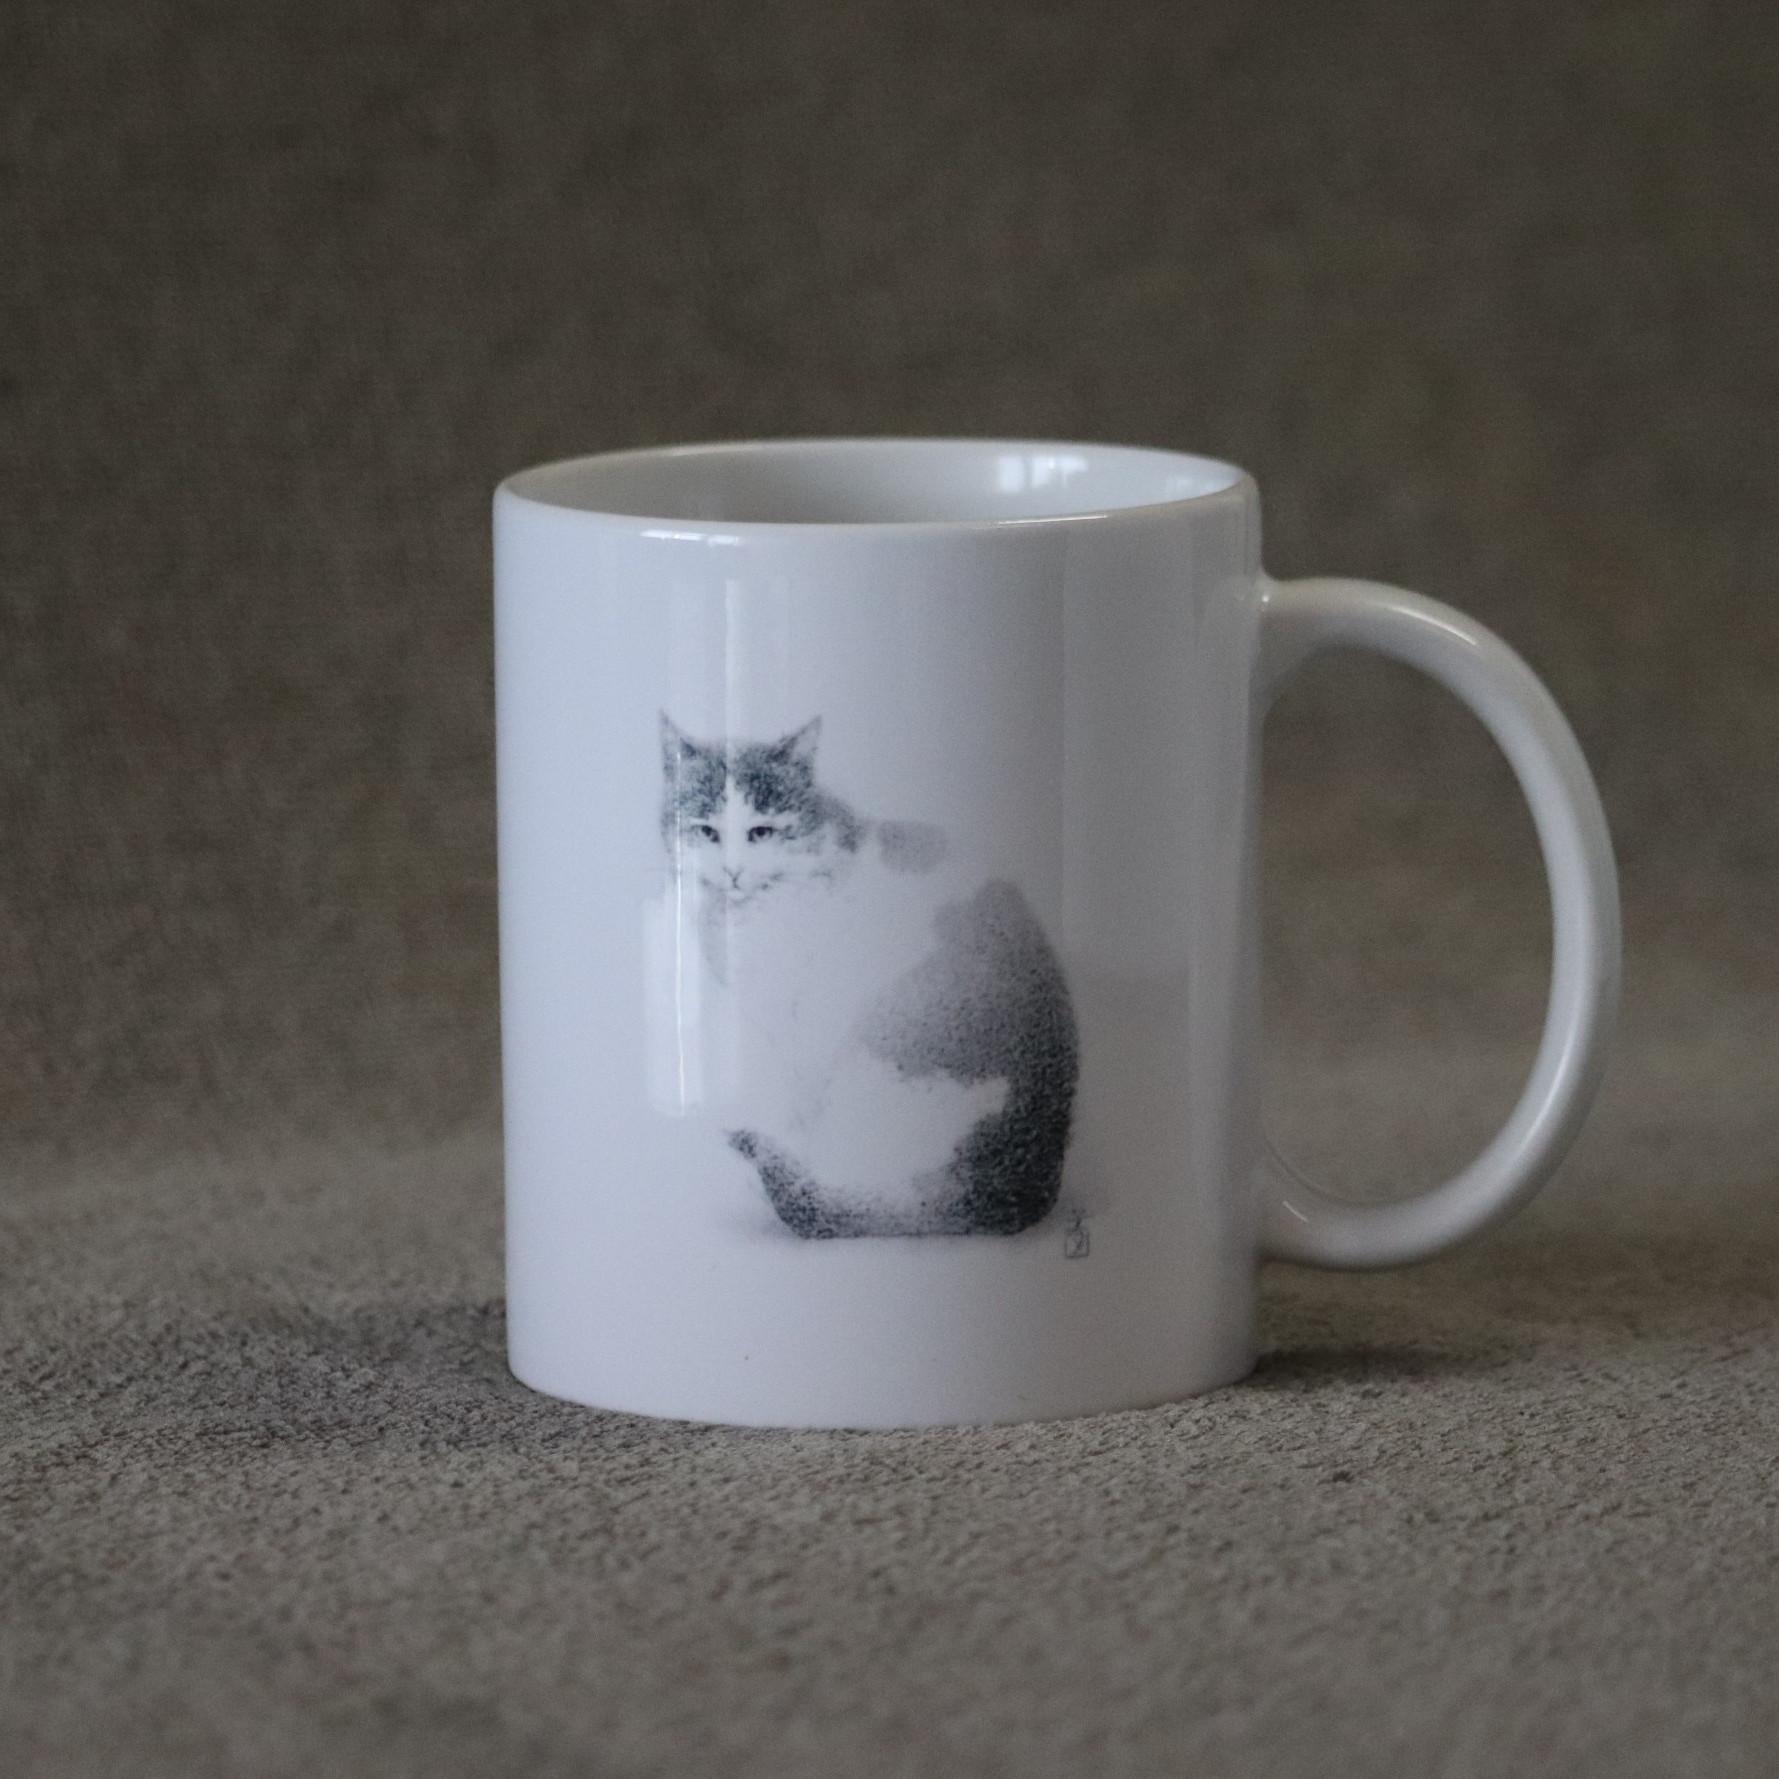 《 画室《游》 オリジナルイラストマグカップ   その 1 》_f0159856_10450711.jpg